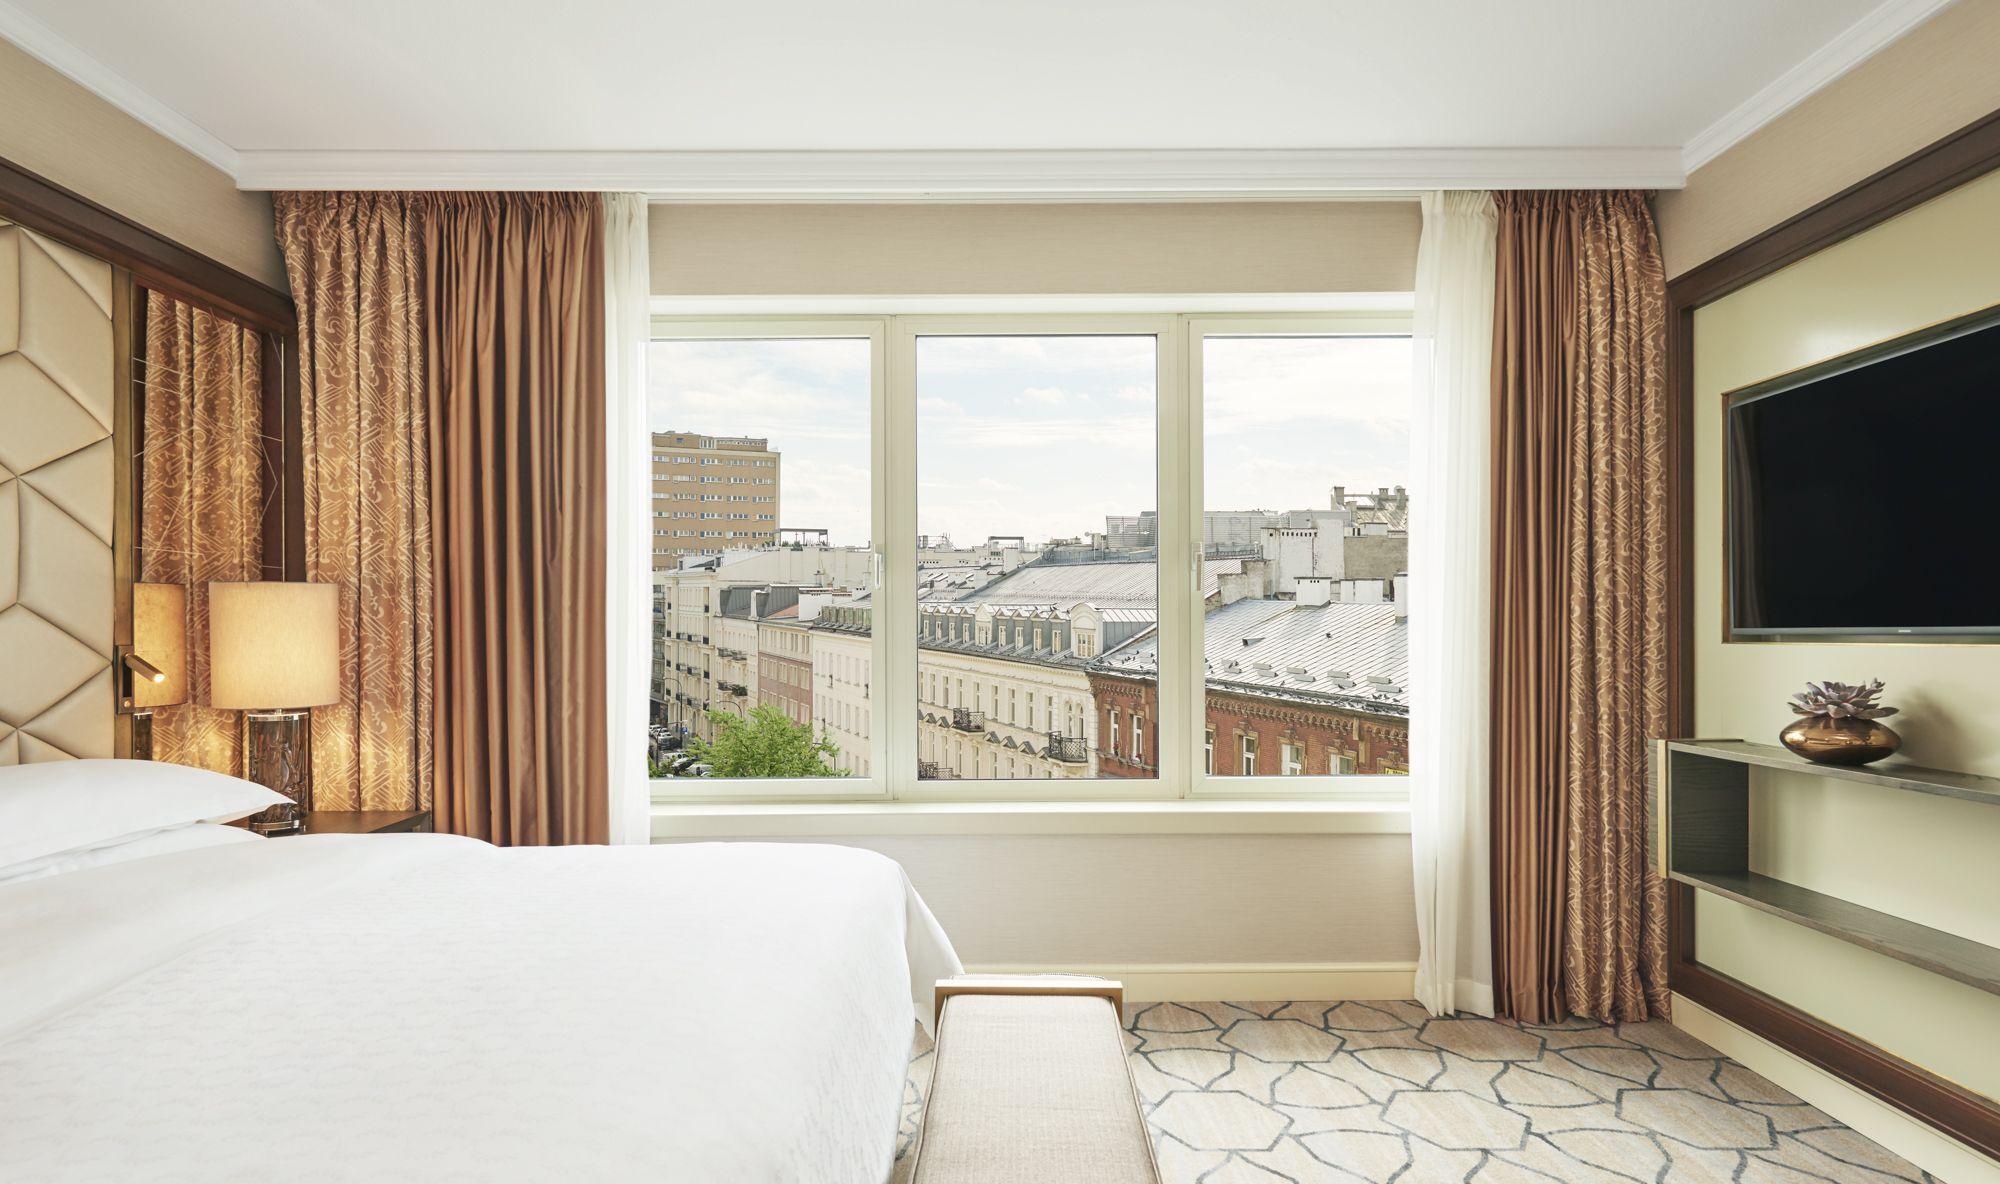 616-Bedroom